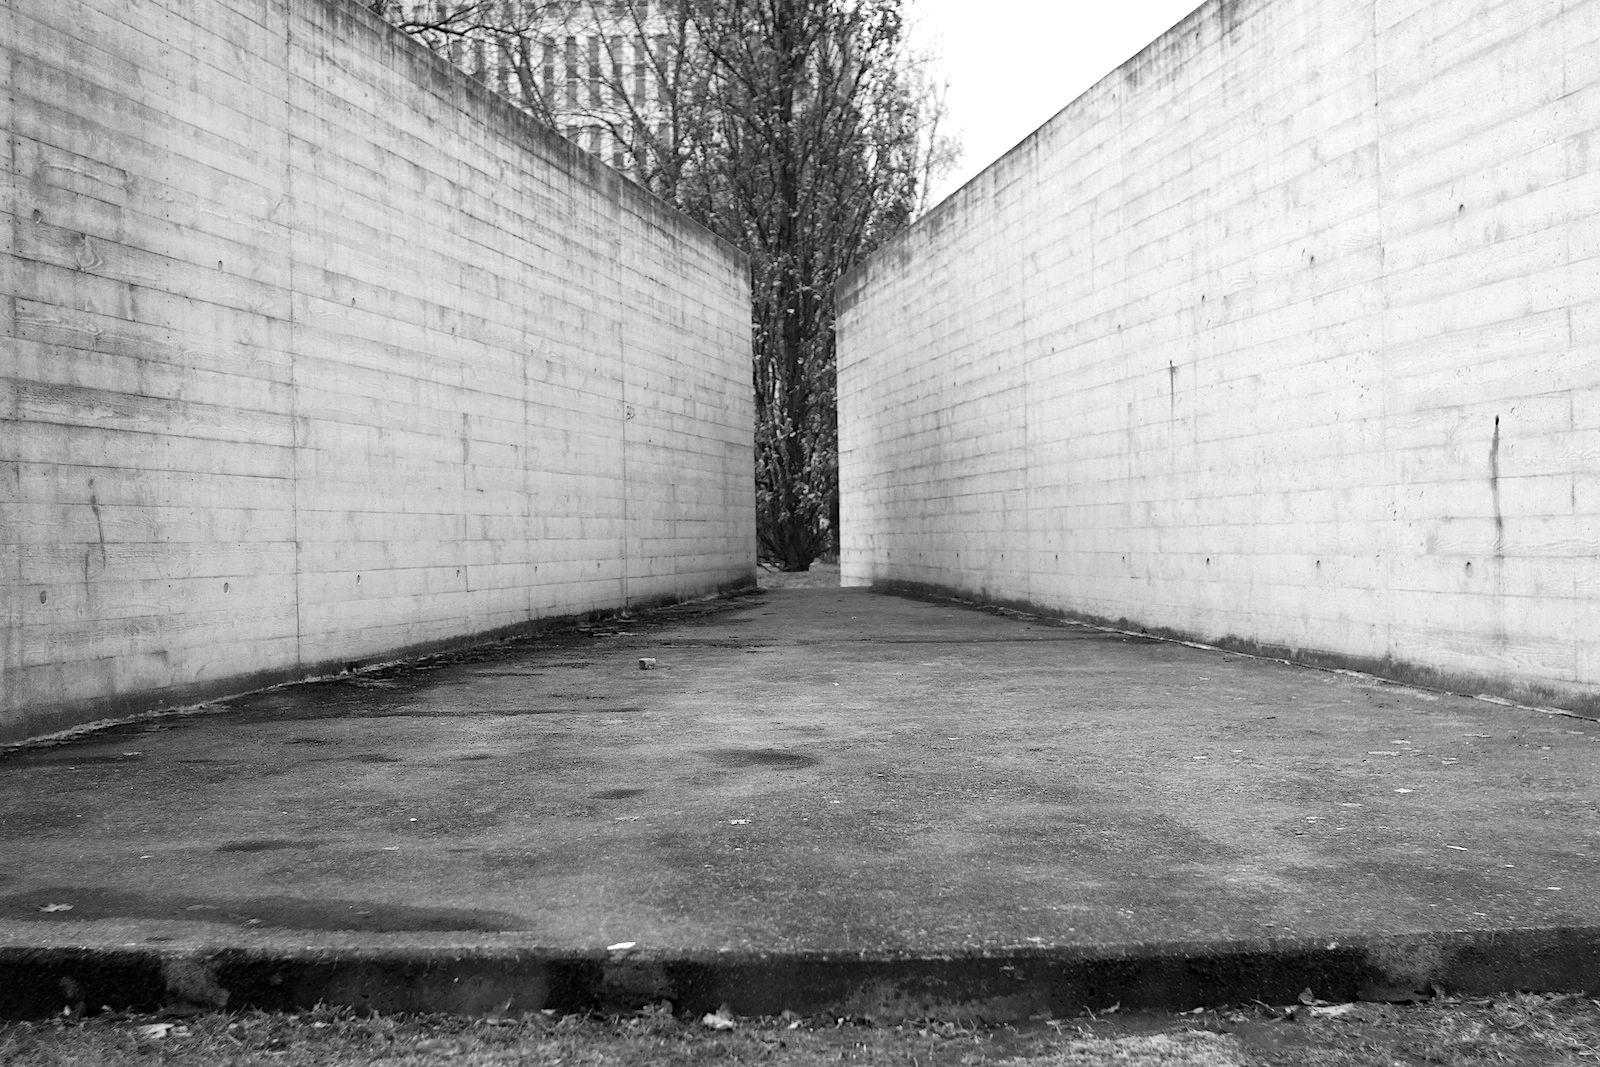 Symmetrie, Struktur, Strenge.  Der symmetrische Grundriss des Gefängnisbaus zeichnet sich als landschaftliche Form in der Oberfläche des Parks eindeutig und subtil zugleich ab. Der Besucher kann auf diese Weise die Größe, Struktur und Strenge der Anlage nachvollziehen und sich erlaufen. Im Bild und in Originalgröße: ein ehemaliger Spazierhof für den Hofgang eines Gefangenen.